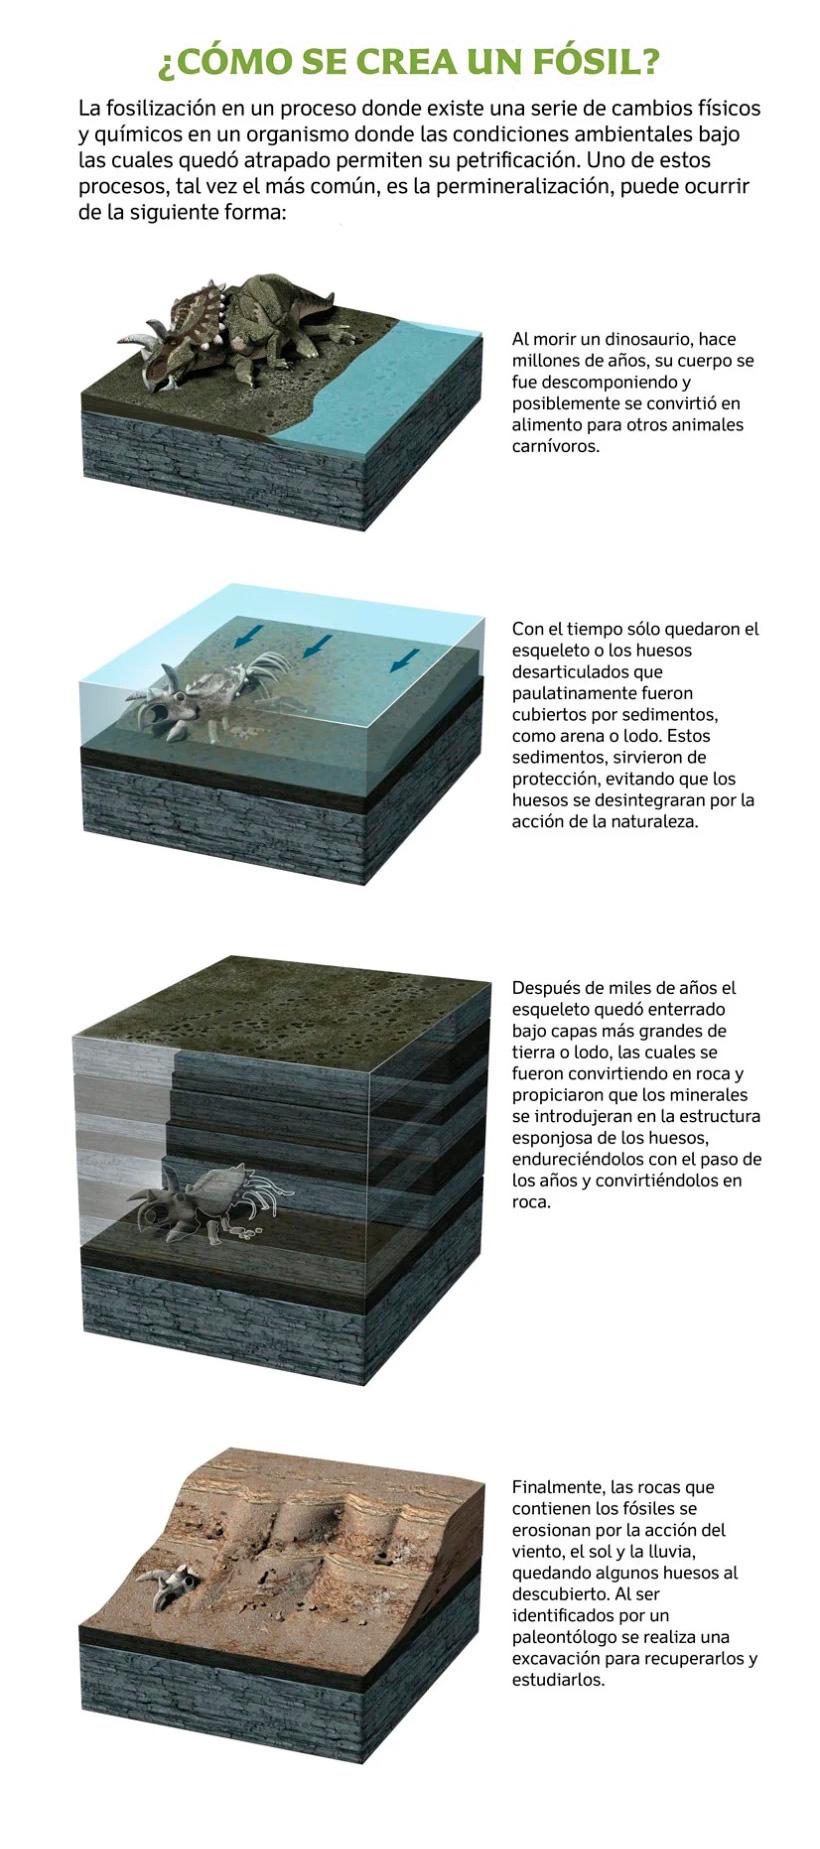 Cómo se forma los fósiles de los dinosaurios